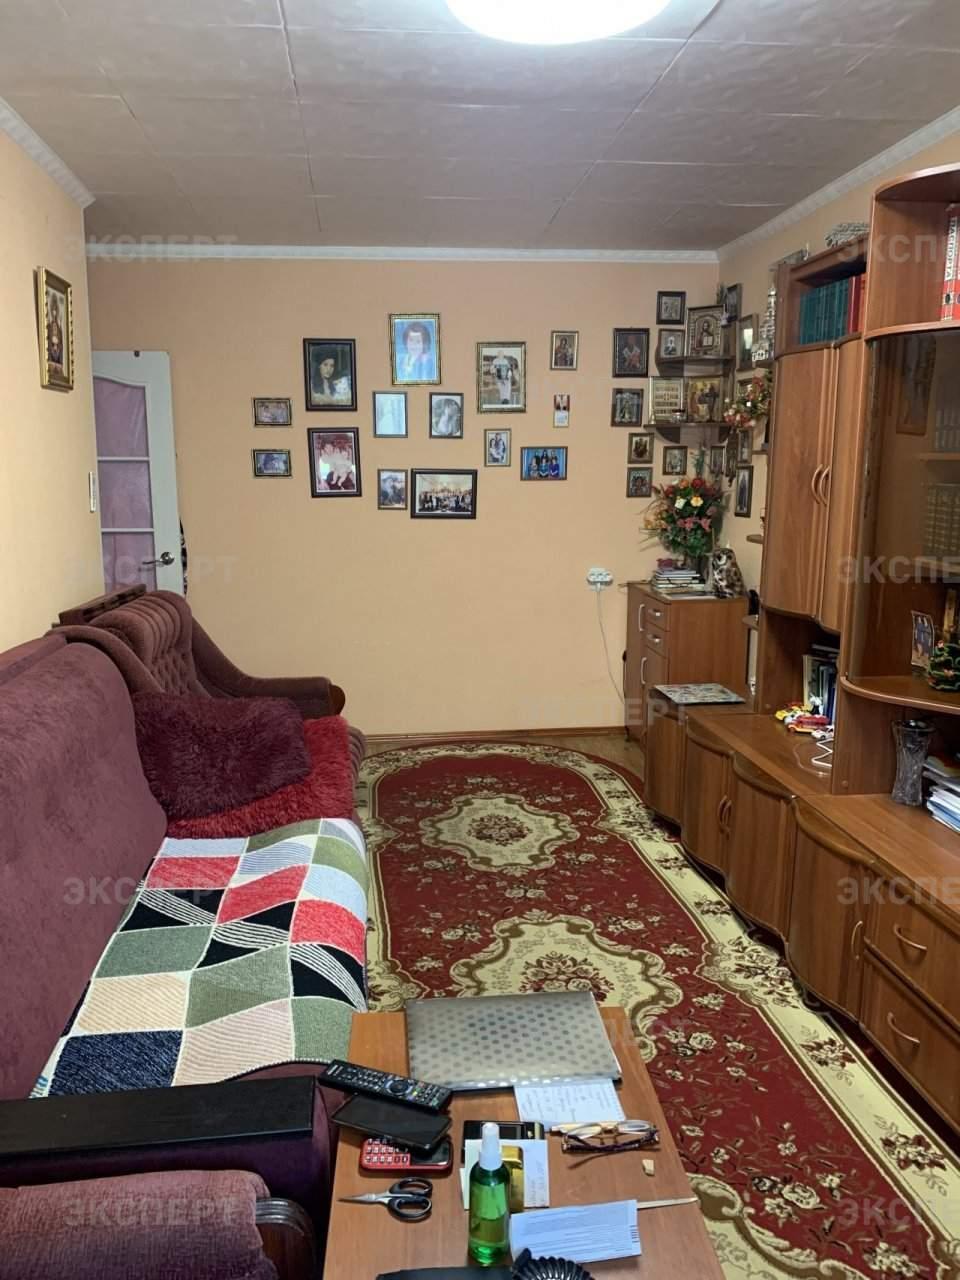 Продажа 2-комнатной квартиры, Великий Новгород, Космонавтов улица,  д.16